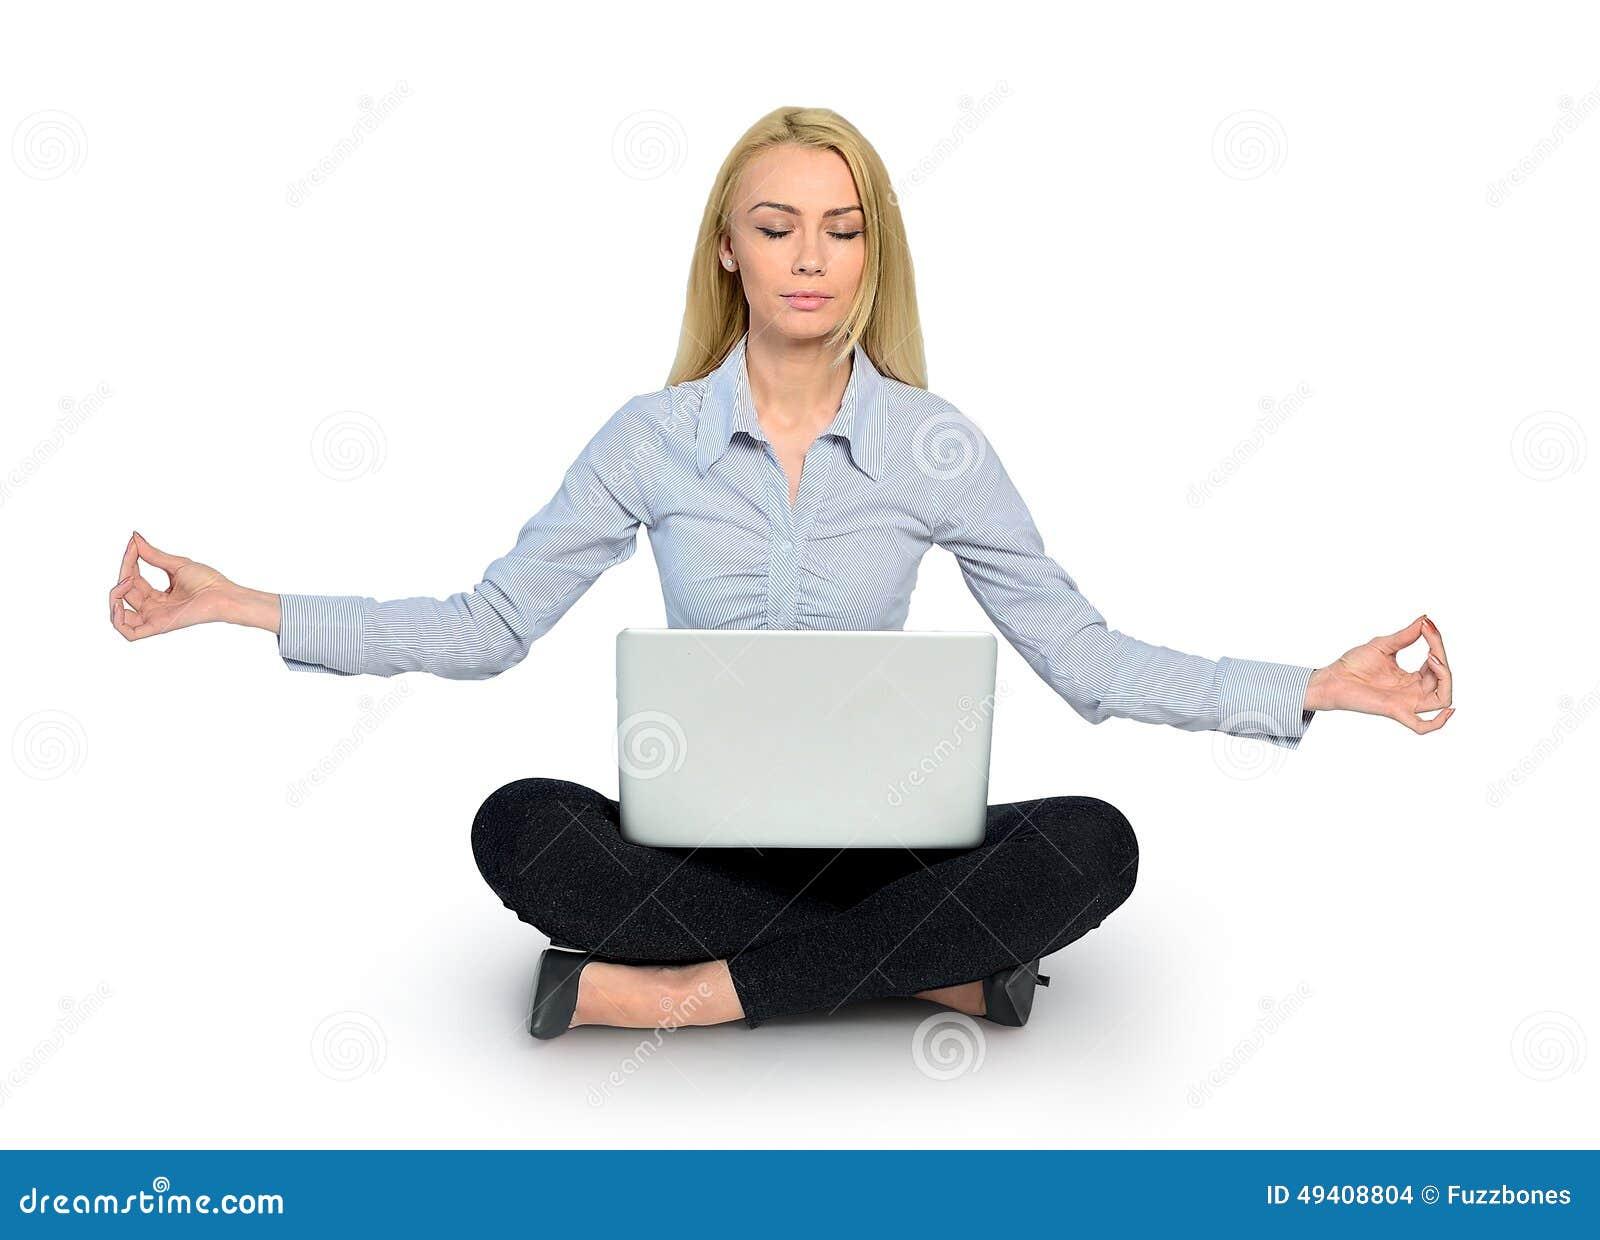 Download Frauenyoga und -laptop stockfoto. Bild von ruhe, computer - 49408804